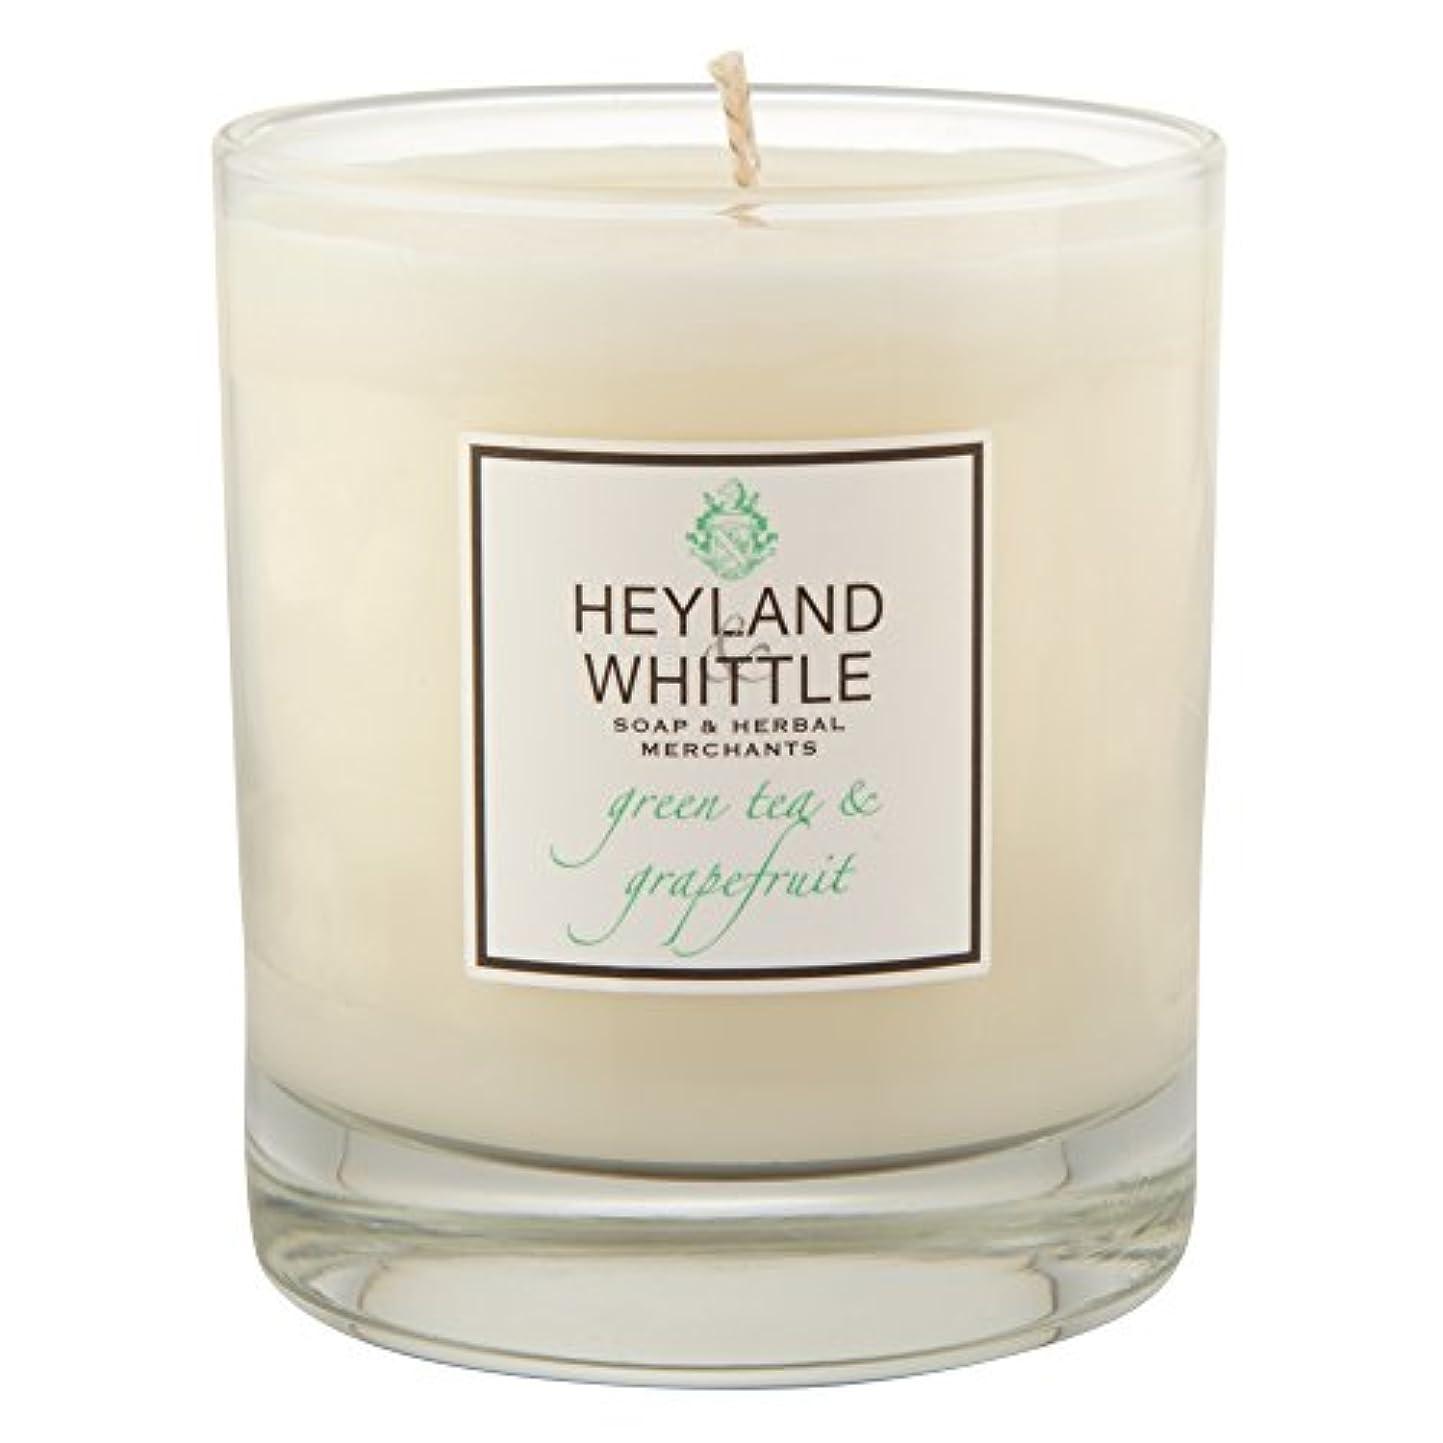 団結する時間知っているに立ち寄るHeyland&削る緑茶とグレープフルーツキャンドル (Heyland & Whittle) - Heyland & Whittle Green Tea and Grapefruit Candle [並行輸入品]